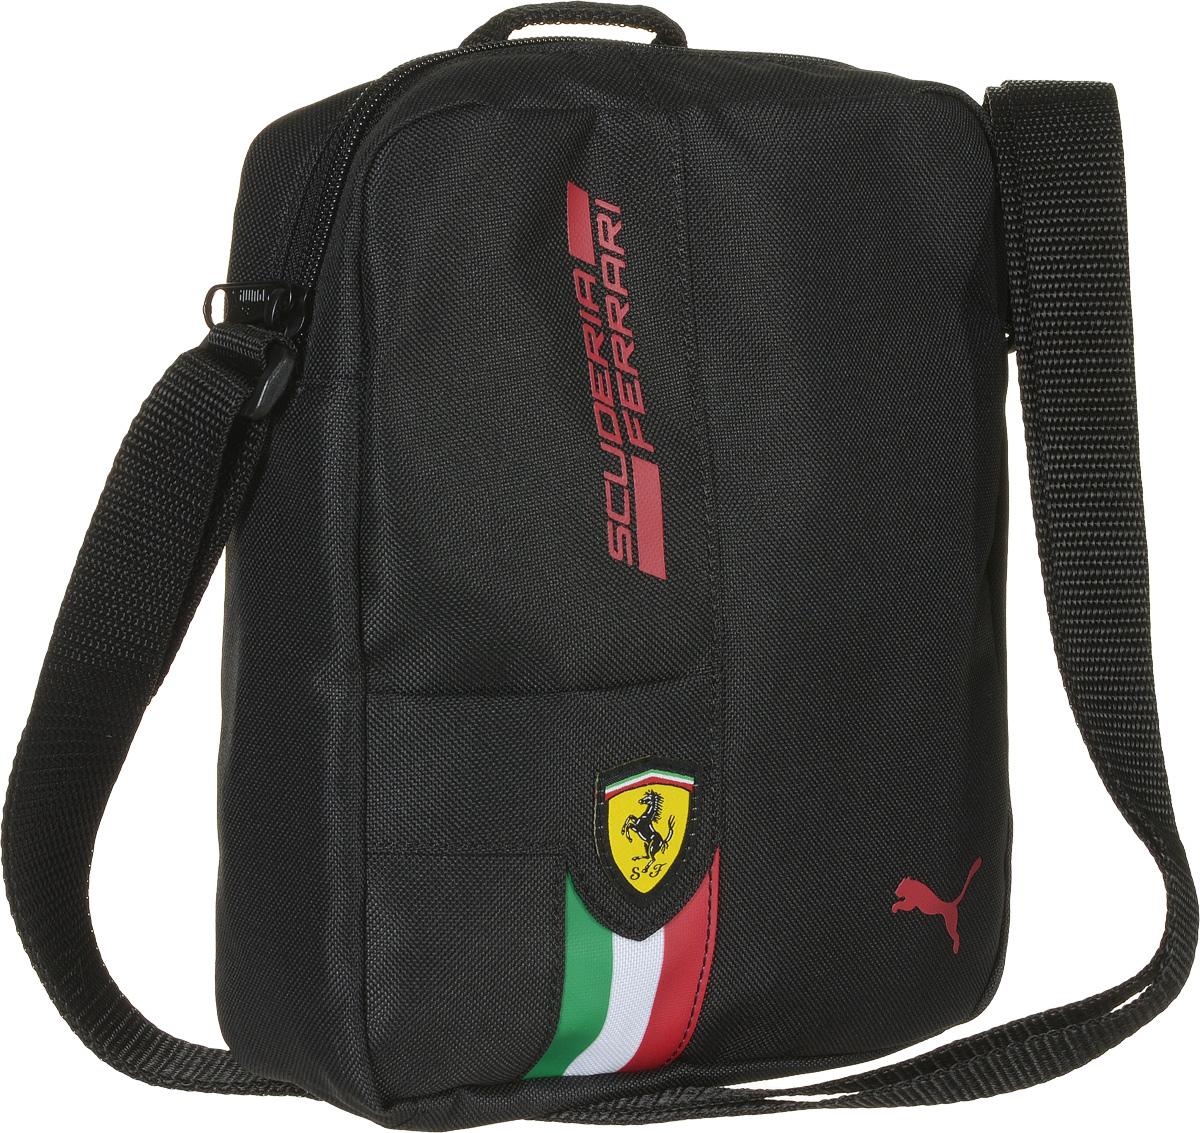 Сумка на плечо Puma Ferrari Fanwear Portable, цвет: черный. 0742750207427502Сумка от Puma серии Ferrari Fanwear Portable выполнена из текстиля. Модель декорирована фирменной символикой Puma на металлических язычках застежек-молний, тканой эмблемой Ferrari спереди, набивным логотипом гоночной команды Ferrari контрастного цвета спереди, набивным изображением итальянского флага спереди и, кроме того, набивным логотипом Puma, который также нанесен на переднюю часть изделия. Сумка выделяется особой практичностью, имеет главное отделение на молнии, два внутренних накладных кармана, функциональную подкладку из полиэстера с изнанкой из полиуретана, ручку для переноски и лямку через плечо регулируемой длины из лямочной ленты. Сумка украшена пластиковой фурнитурой Duraflex. Сумка Ferrari Fanwear Portable - городская функциональная сумка, которая станет удобным и эргономичным аксессуаром для современного жителя мегаполиса, предпочитающего активный образ жизни и любящего спорт. Станьте частью легендарной семьи Scuderia Ferrari, ощутите комфорт вместе с этой...